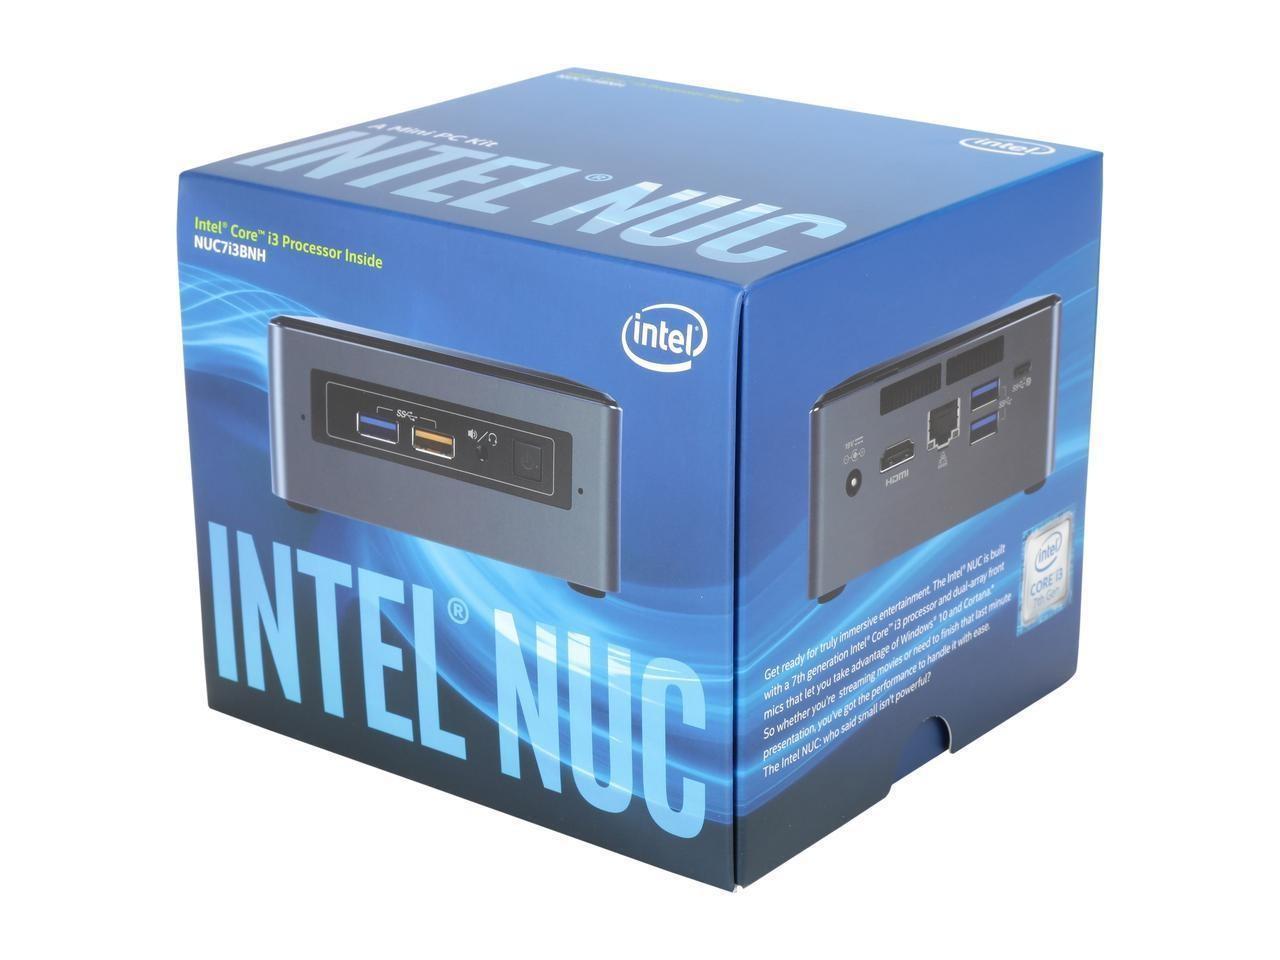 Máy tính để bàn mini PC Intel NUC BOXNUC7I3BNH (Intel Core i3-7100U 2.4 GHz/Intel HD Graphics 620)